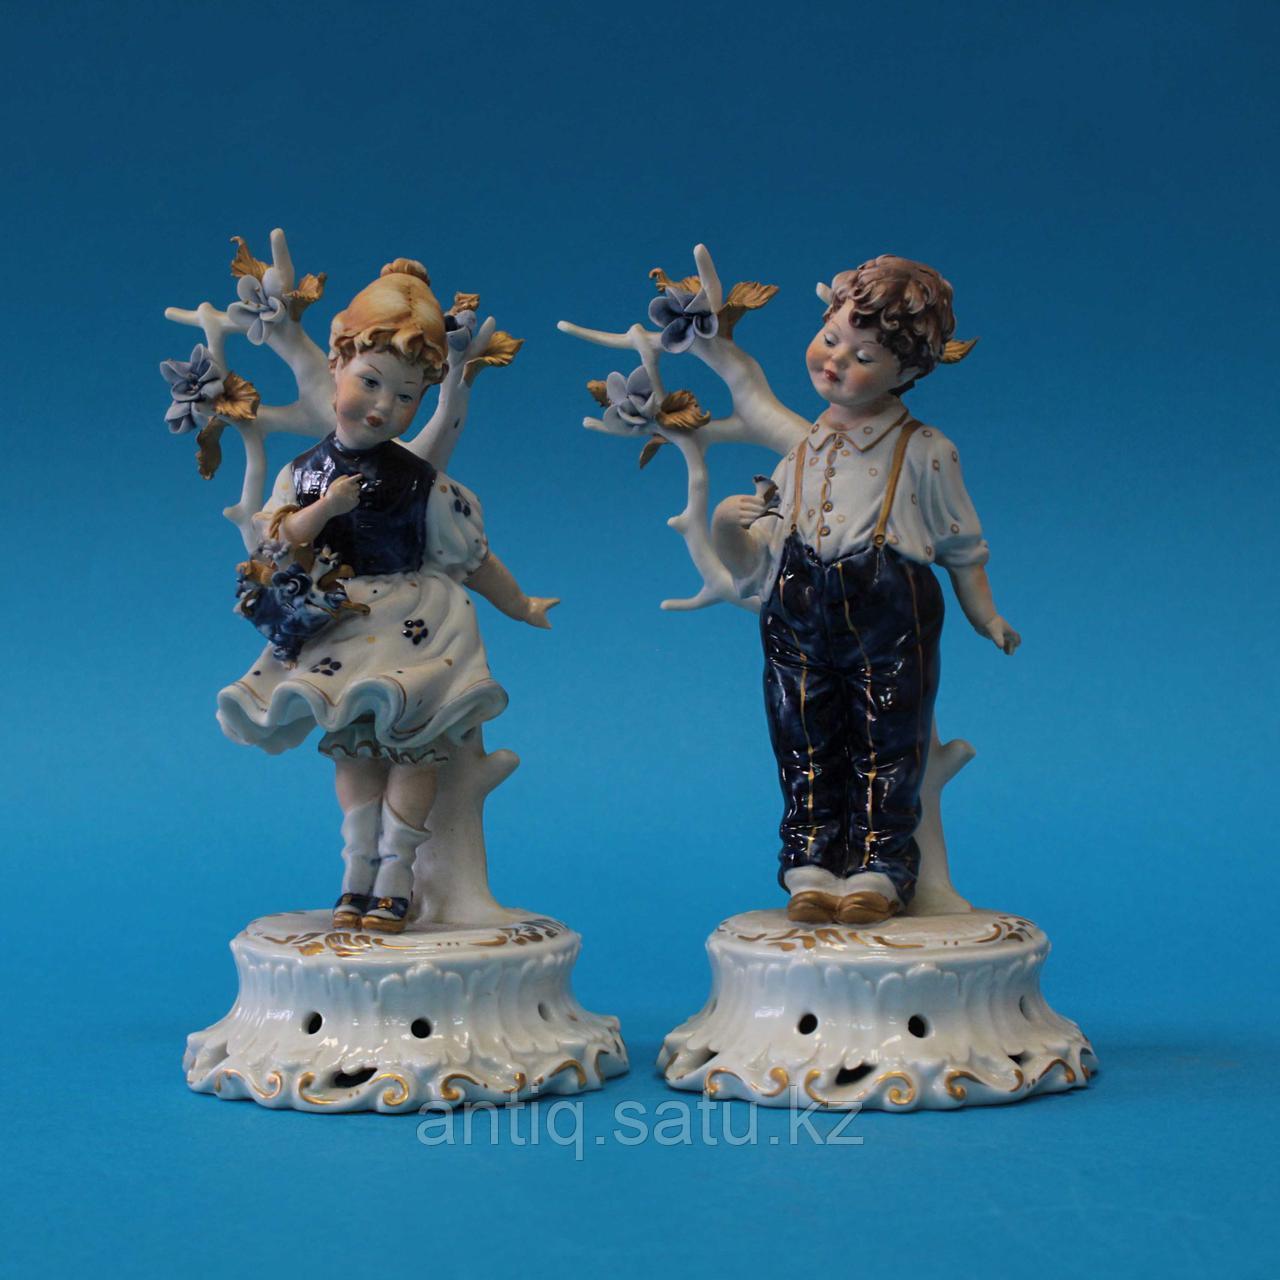 Парные фигуры детей Фарфоровая мануфактура Vier Tasca / Capodimonte - фото 1